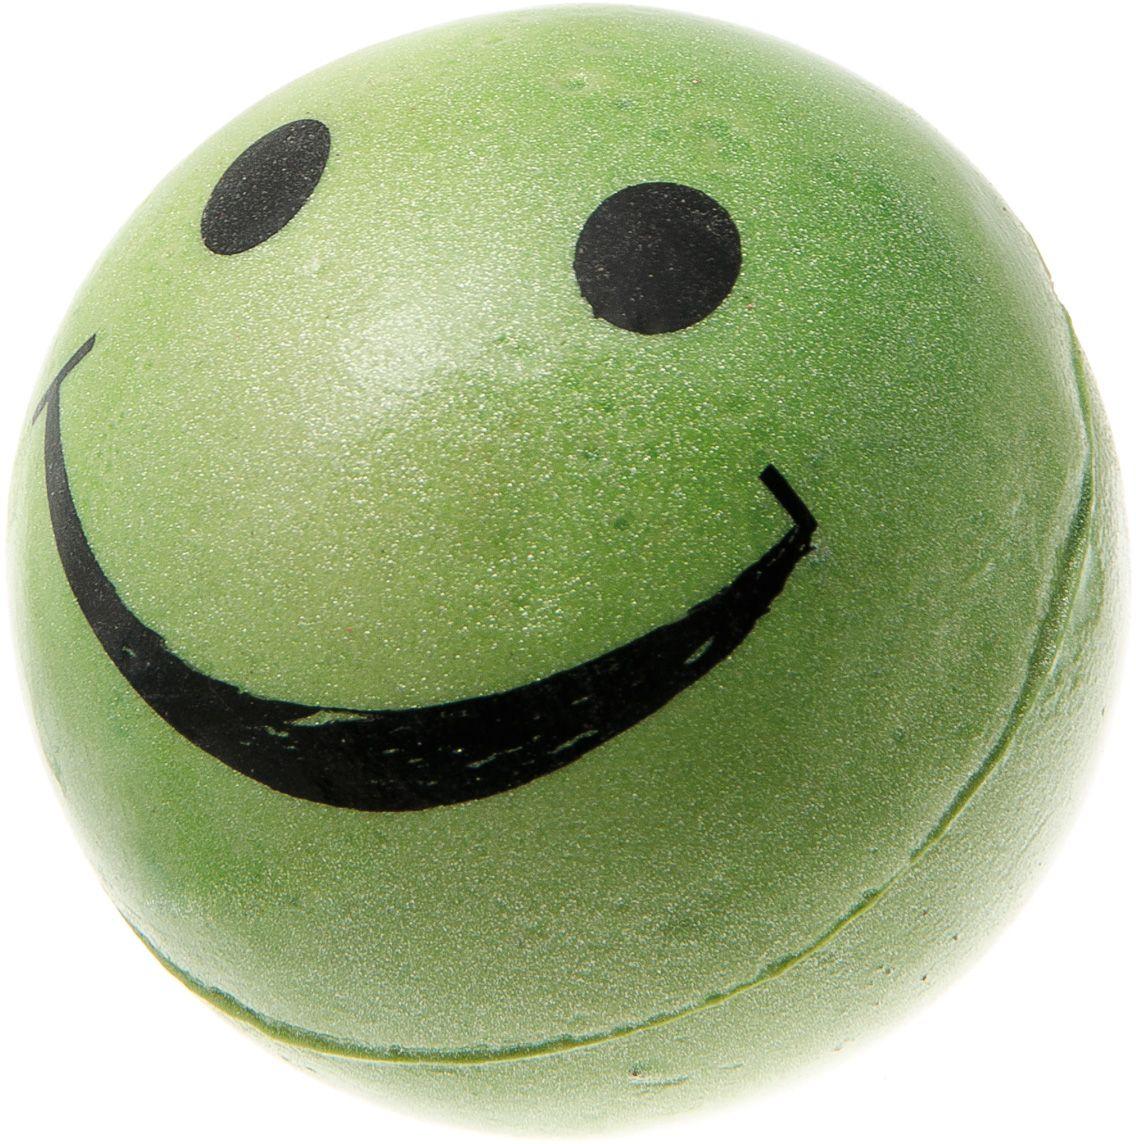 Мяч V.I.Pet Смайлик, цвет: зеленый, диаметр 63 мм. 20-111420-1114Предназначен для игр, тренировок и активного отдыха с животными. Мяч заинтересует и увлечёт вашего питомца. Сделана из абсолютно безопасного и качественного материала. Материал: вспененная резина.